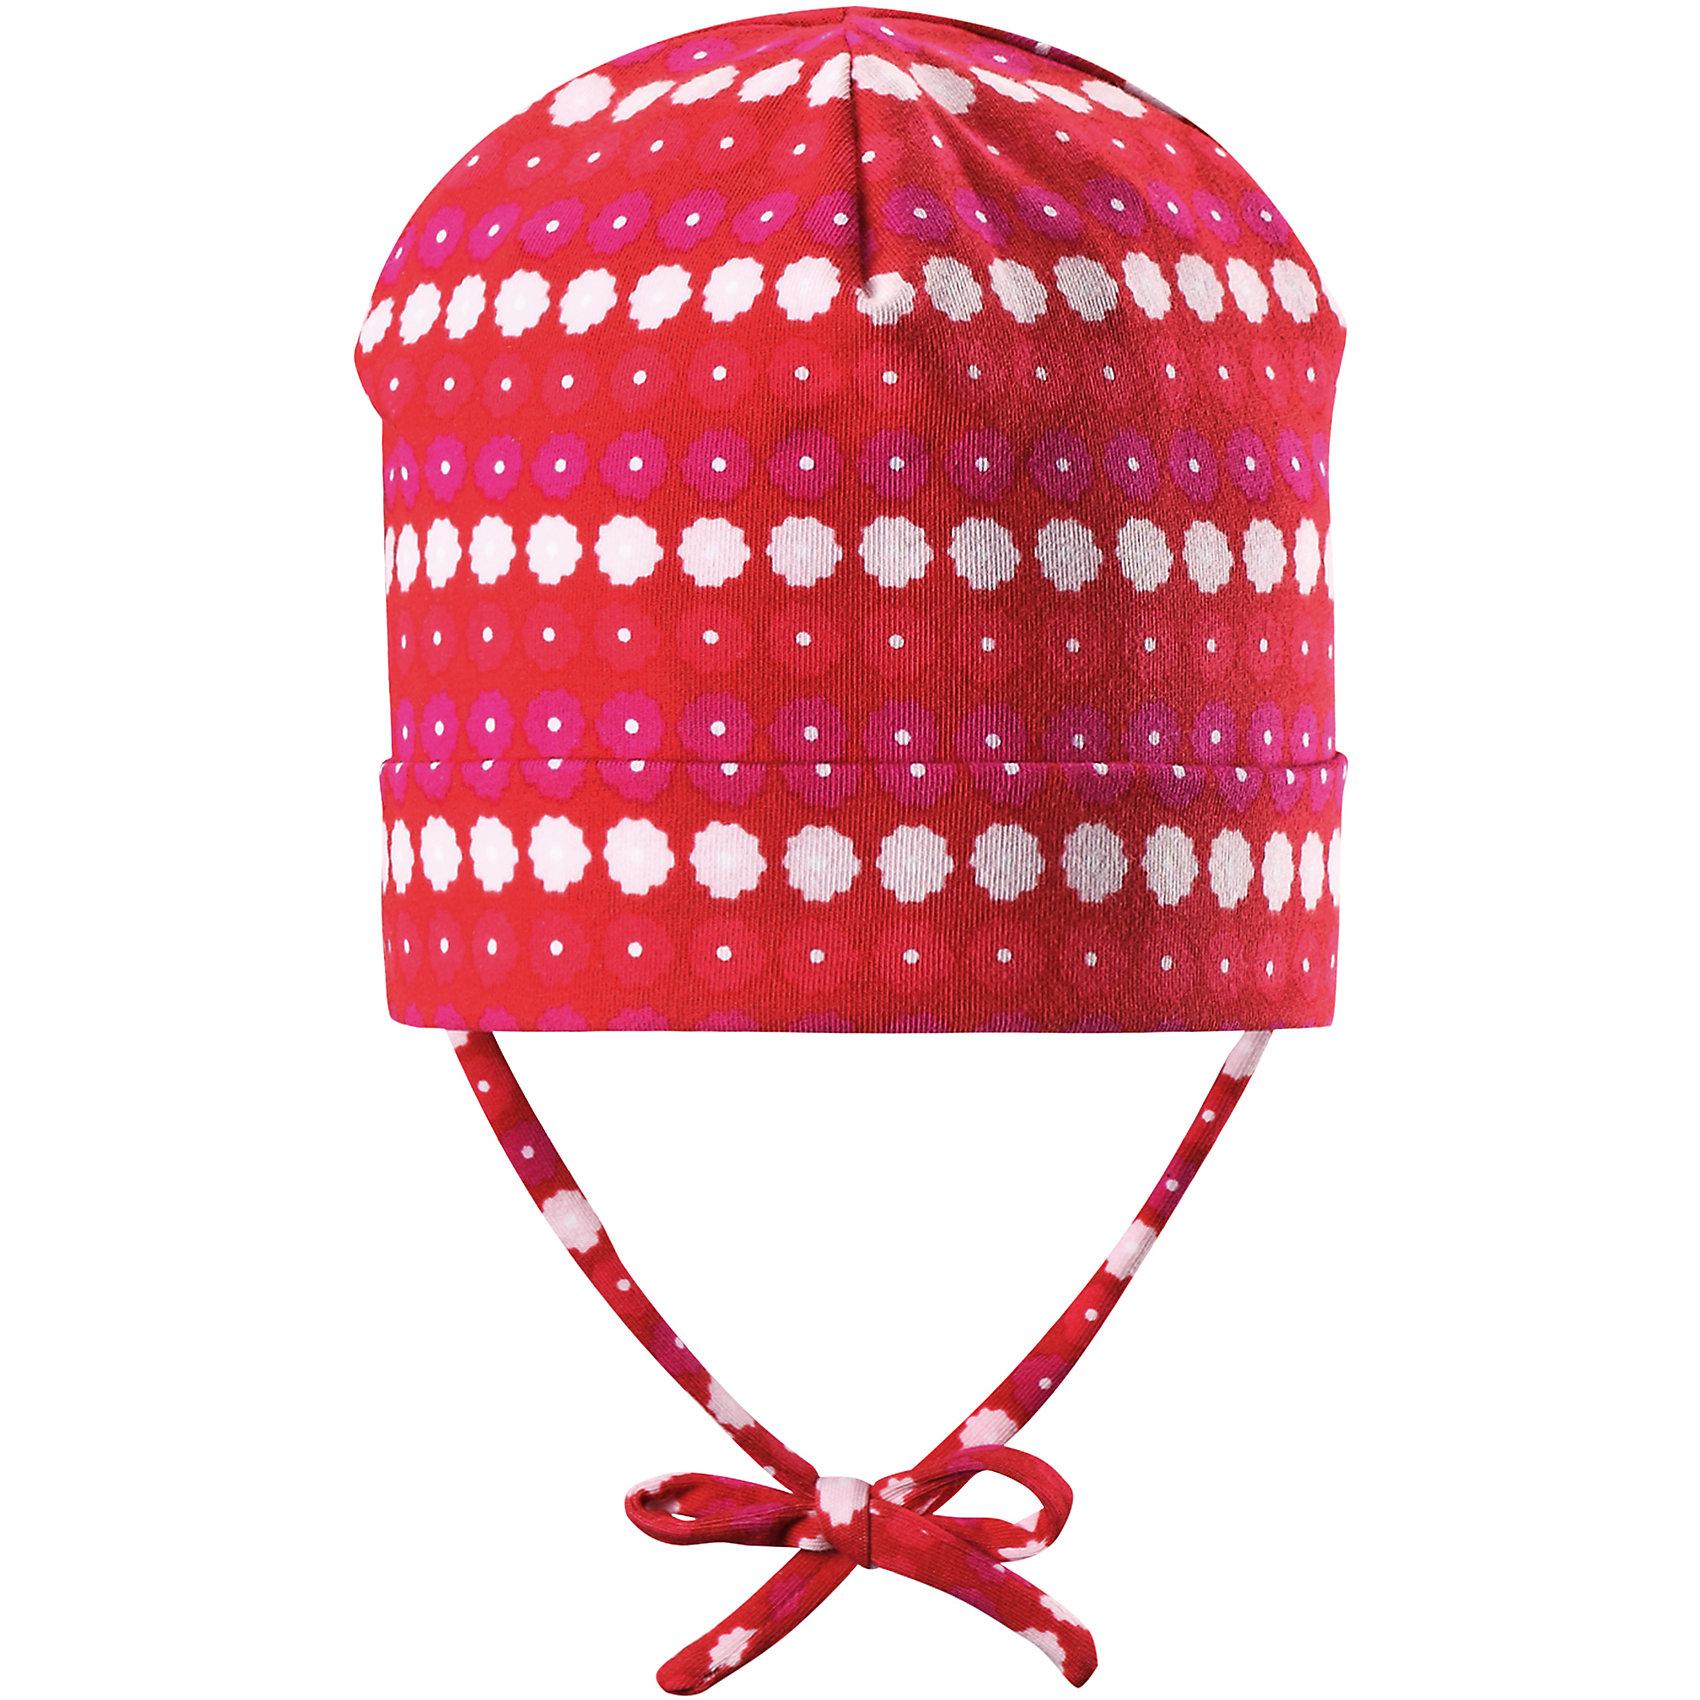 Шапка Linna для девочки ReimaШапки и шарфы<br>Характеристики товара:<br><br>• цвет: красный<br>• состав: 65% хлопок, 30% полиэстер, 5% эластан<br>• сплошная подкладка: влаговыводящий трикотаж Play Jersey<br>• температурный режим: от 0С до +10С<br>• фактор защиты от ультрафиолета: 40+<br>• эластичный материал<br>• быстросохнущий, очень приятный на ощупь материал Play Jersey<br>• приятная на ощупь хлопковая поверхность<br>• влагоотводящая изнаночная сторона<br>• завязки во всех размерах<br>• эмблема Reima сзади<br>• страна бренда: Финляндия<br>• страна производства: Китай<br><br>Детский головной убор может быть модным и удобным одновременно! Стильная шапка поможет обеспечить ребенку комфорт и дополнить наряд. Шапка удобно сидит и аккуратно выглядит. Проста в уходе, долго служит. Стильный дизайн разрабатывался специально для детей. Отличная защита от дождя и ветра!<br><br>Уход:<br><br>• стирать с бельем одинакового цвета, вывернув наизнанку<br>• полоскать без специального средства<br>• придать первоначальную форму вo влажном виде.<br><br>Шапку от финского бренда Reima (Рейма) можно купить в нашем интернет-магазине.<br><br>Ширина мм: 89<br>Глубина мм: 117<br>Высота мм: 44<br>Вес г: 155<br>Цвет: красный<br>Возраст от месяцев: 9<br>Возраст до месяцев: 18<br>Пол: Женский<br>Возраст: Детский<br>Размер: 48,46,52,50<br>SKU: 5271040